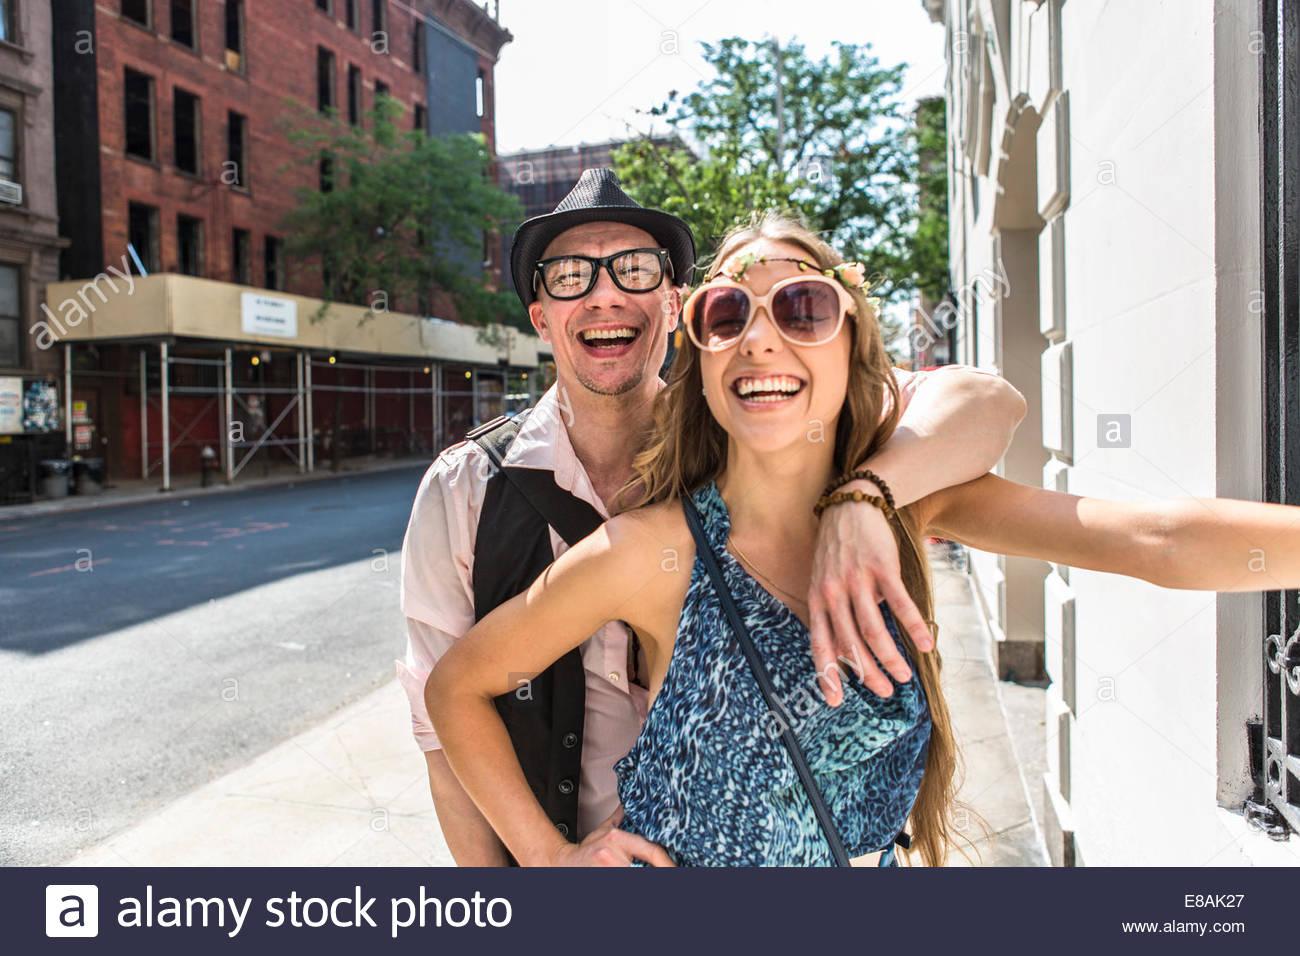 Funky paar in Street, New York City, Vereinigte Staaten Stockbild